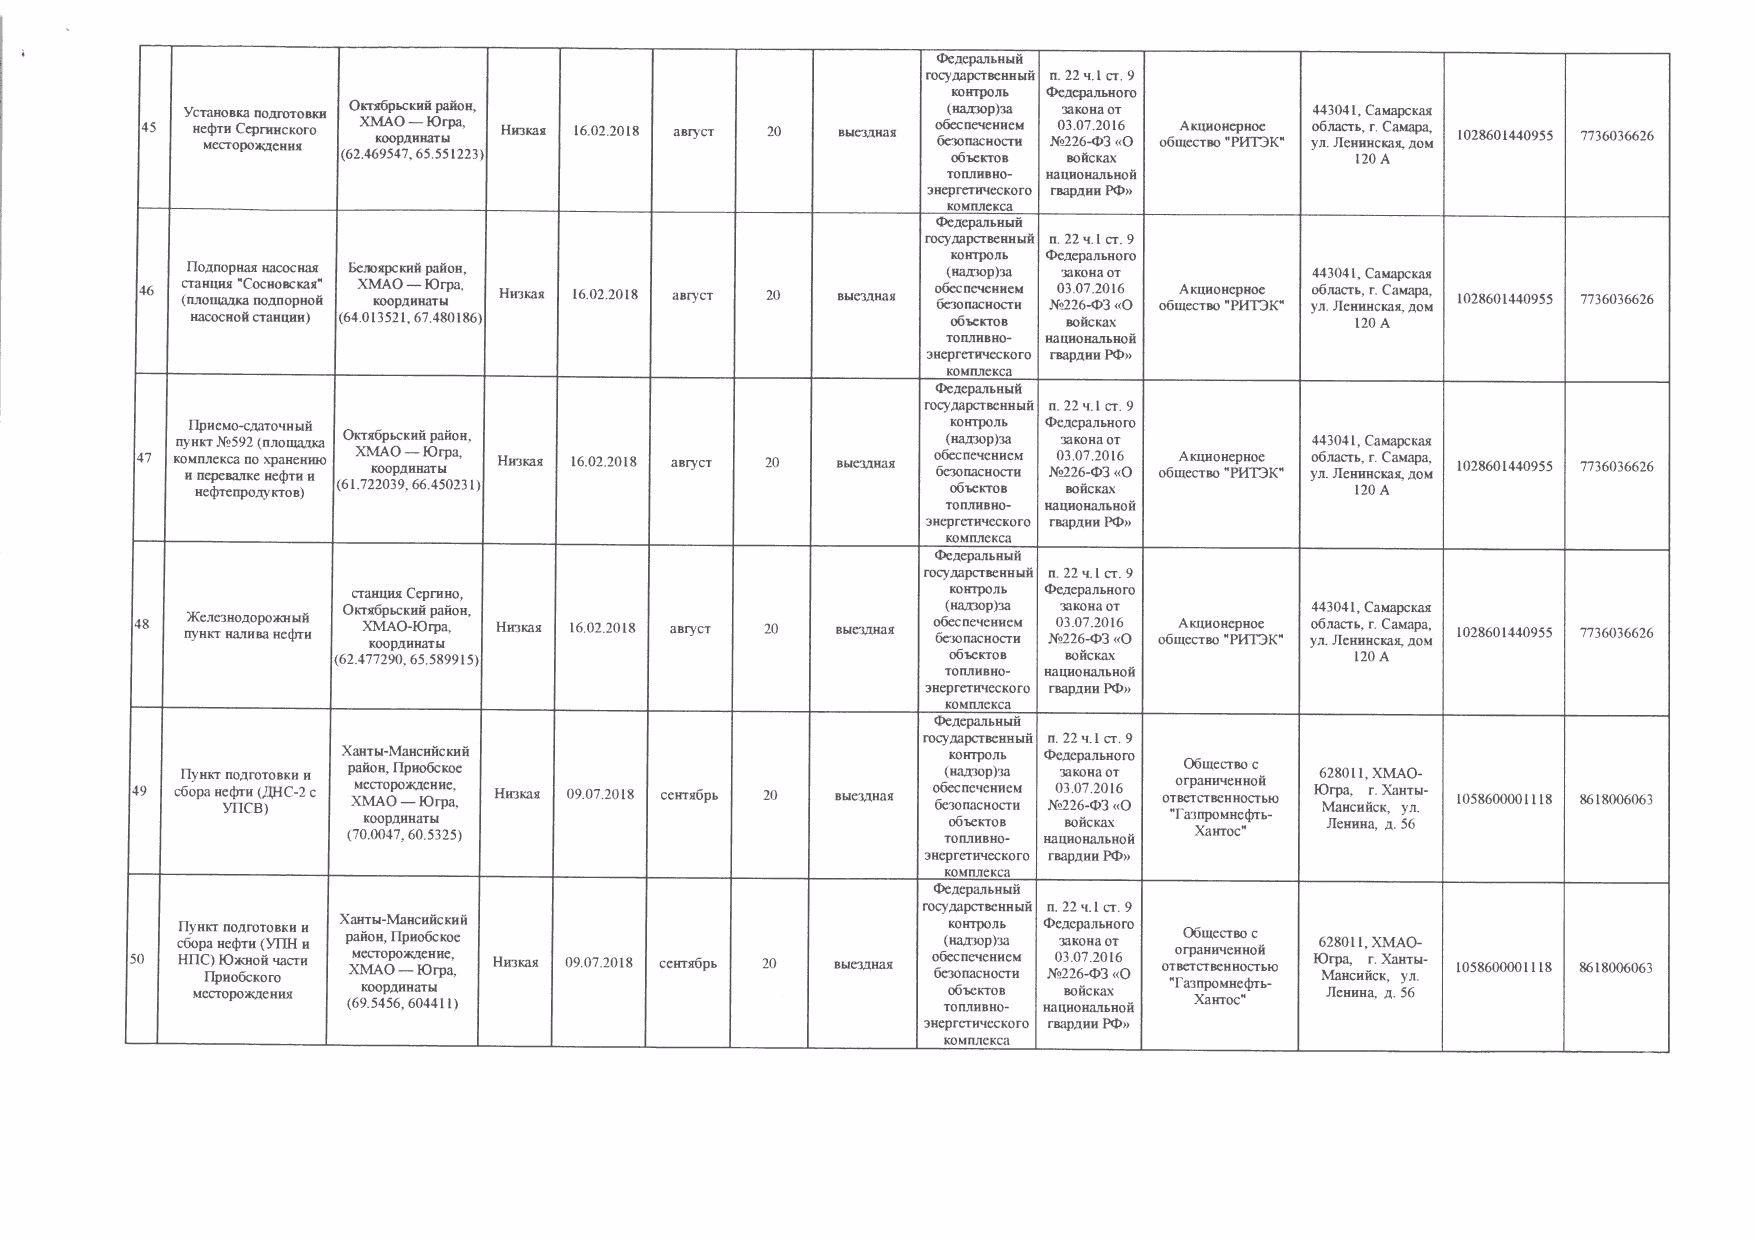 """Фгку """"уво внг россии по городу москве"""",  москва (oгрн 1027739533260, инн 7723002556, кпп 772301001) —  реквизиты,  контакты,  рейтинг"""